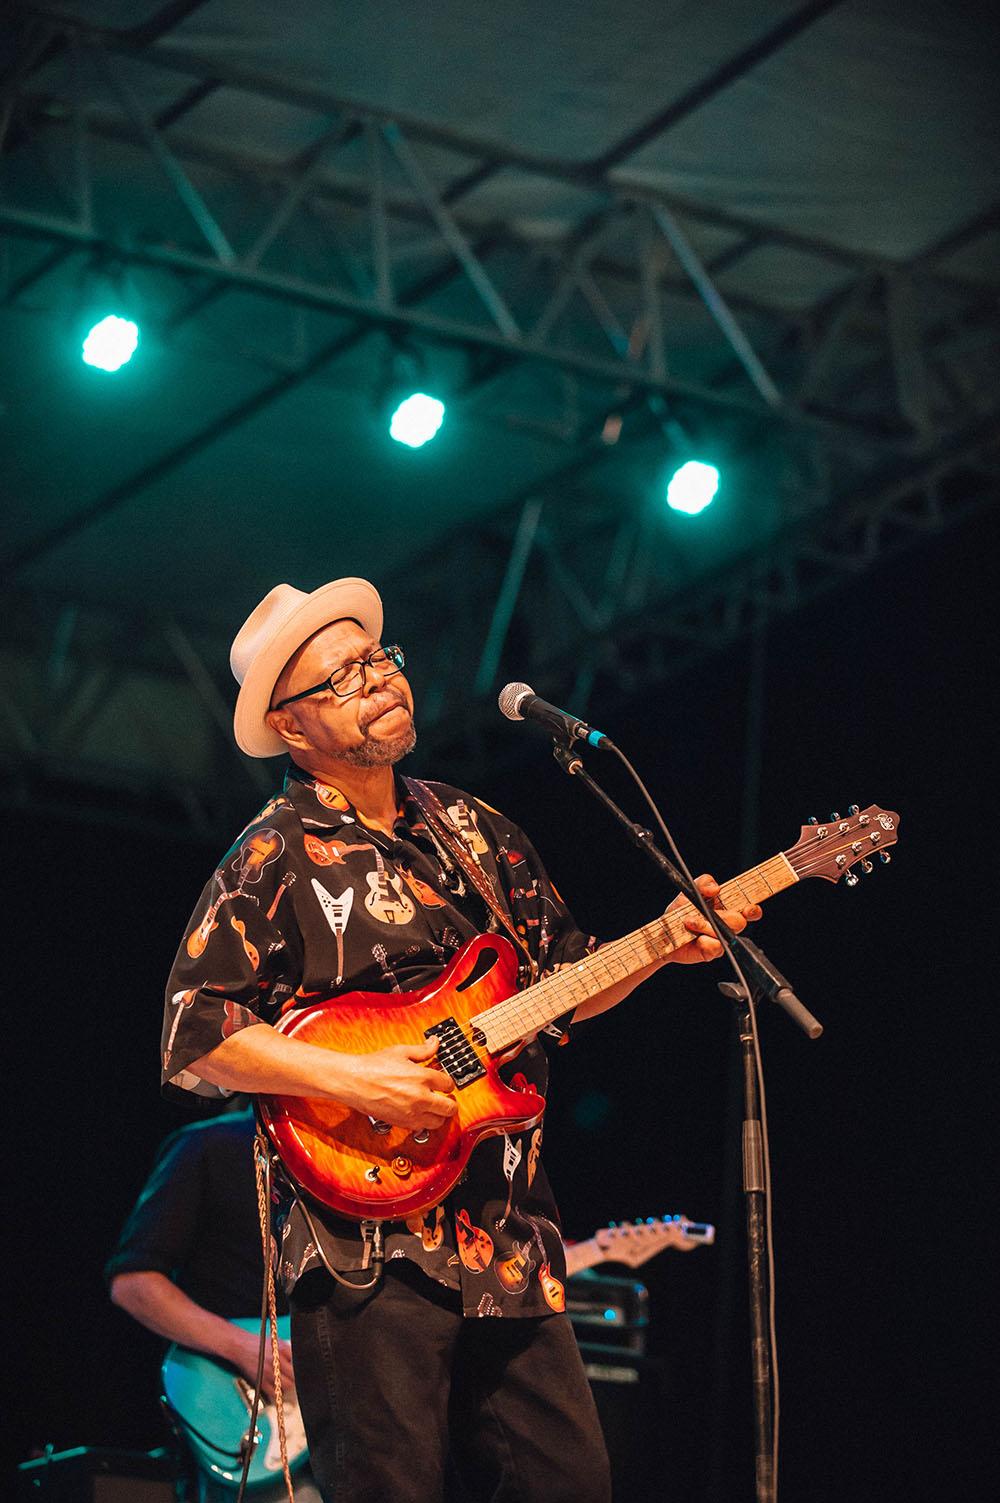 Larry Garner © Baton Rouge Blues Festival/Jordan Hefler